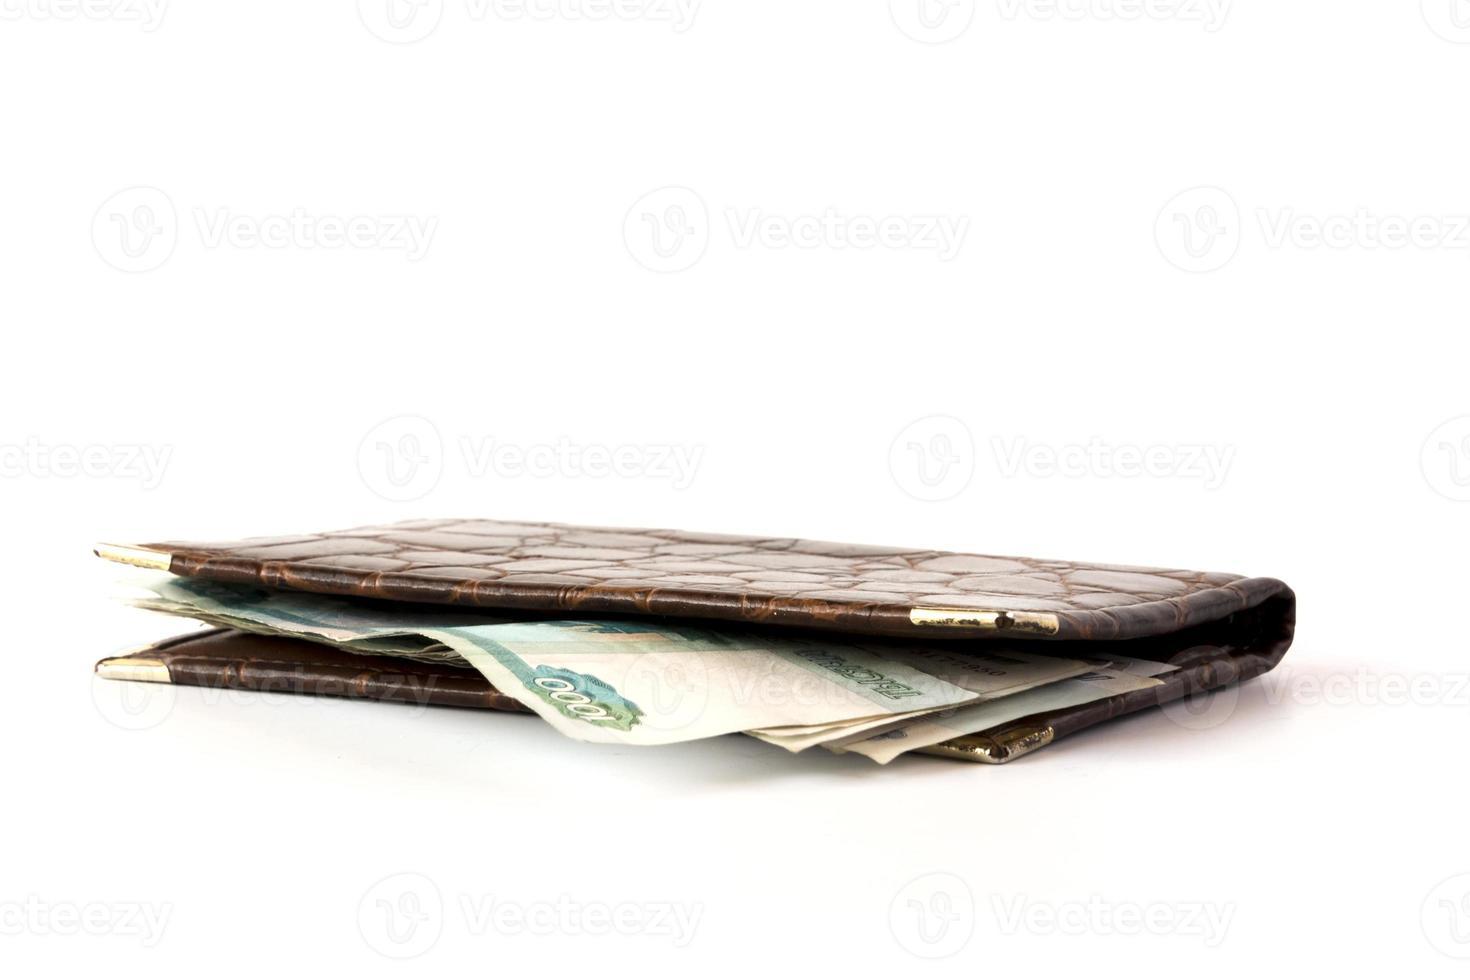 Ledergeldbörse mit Geld isoliert foto